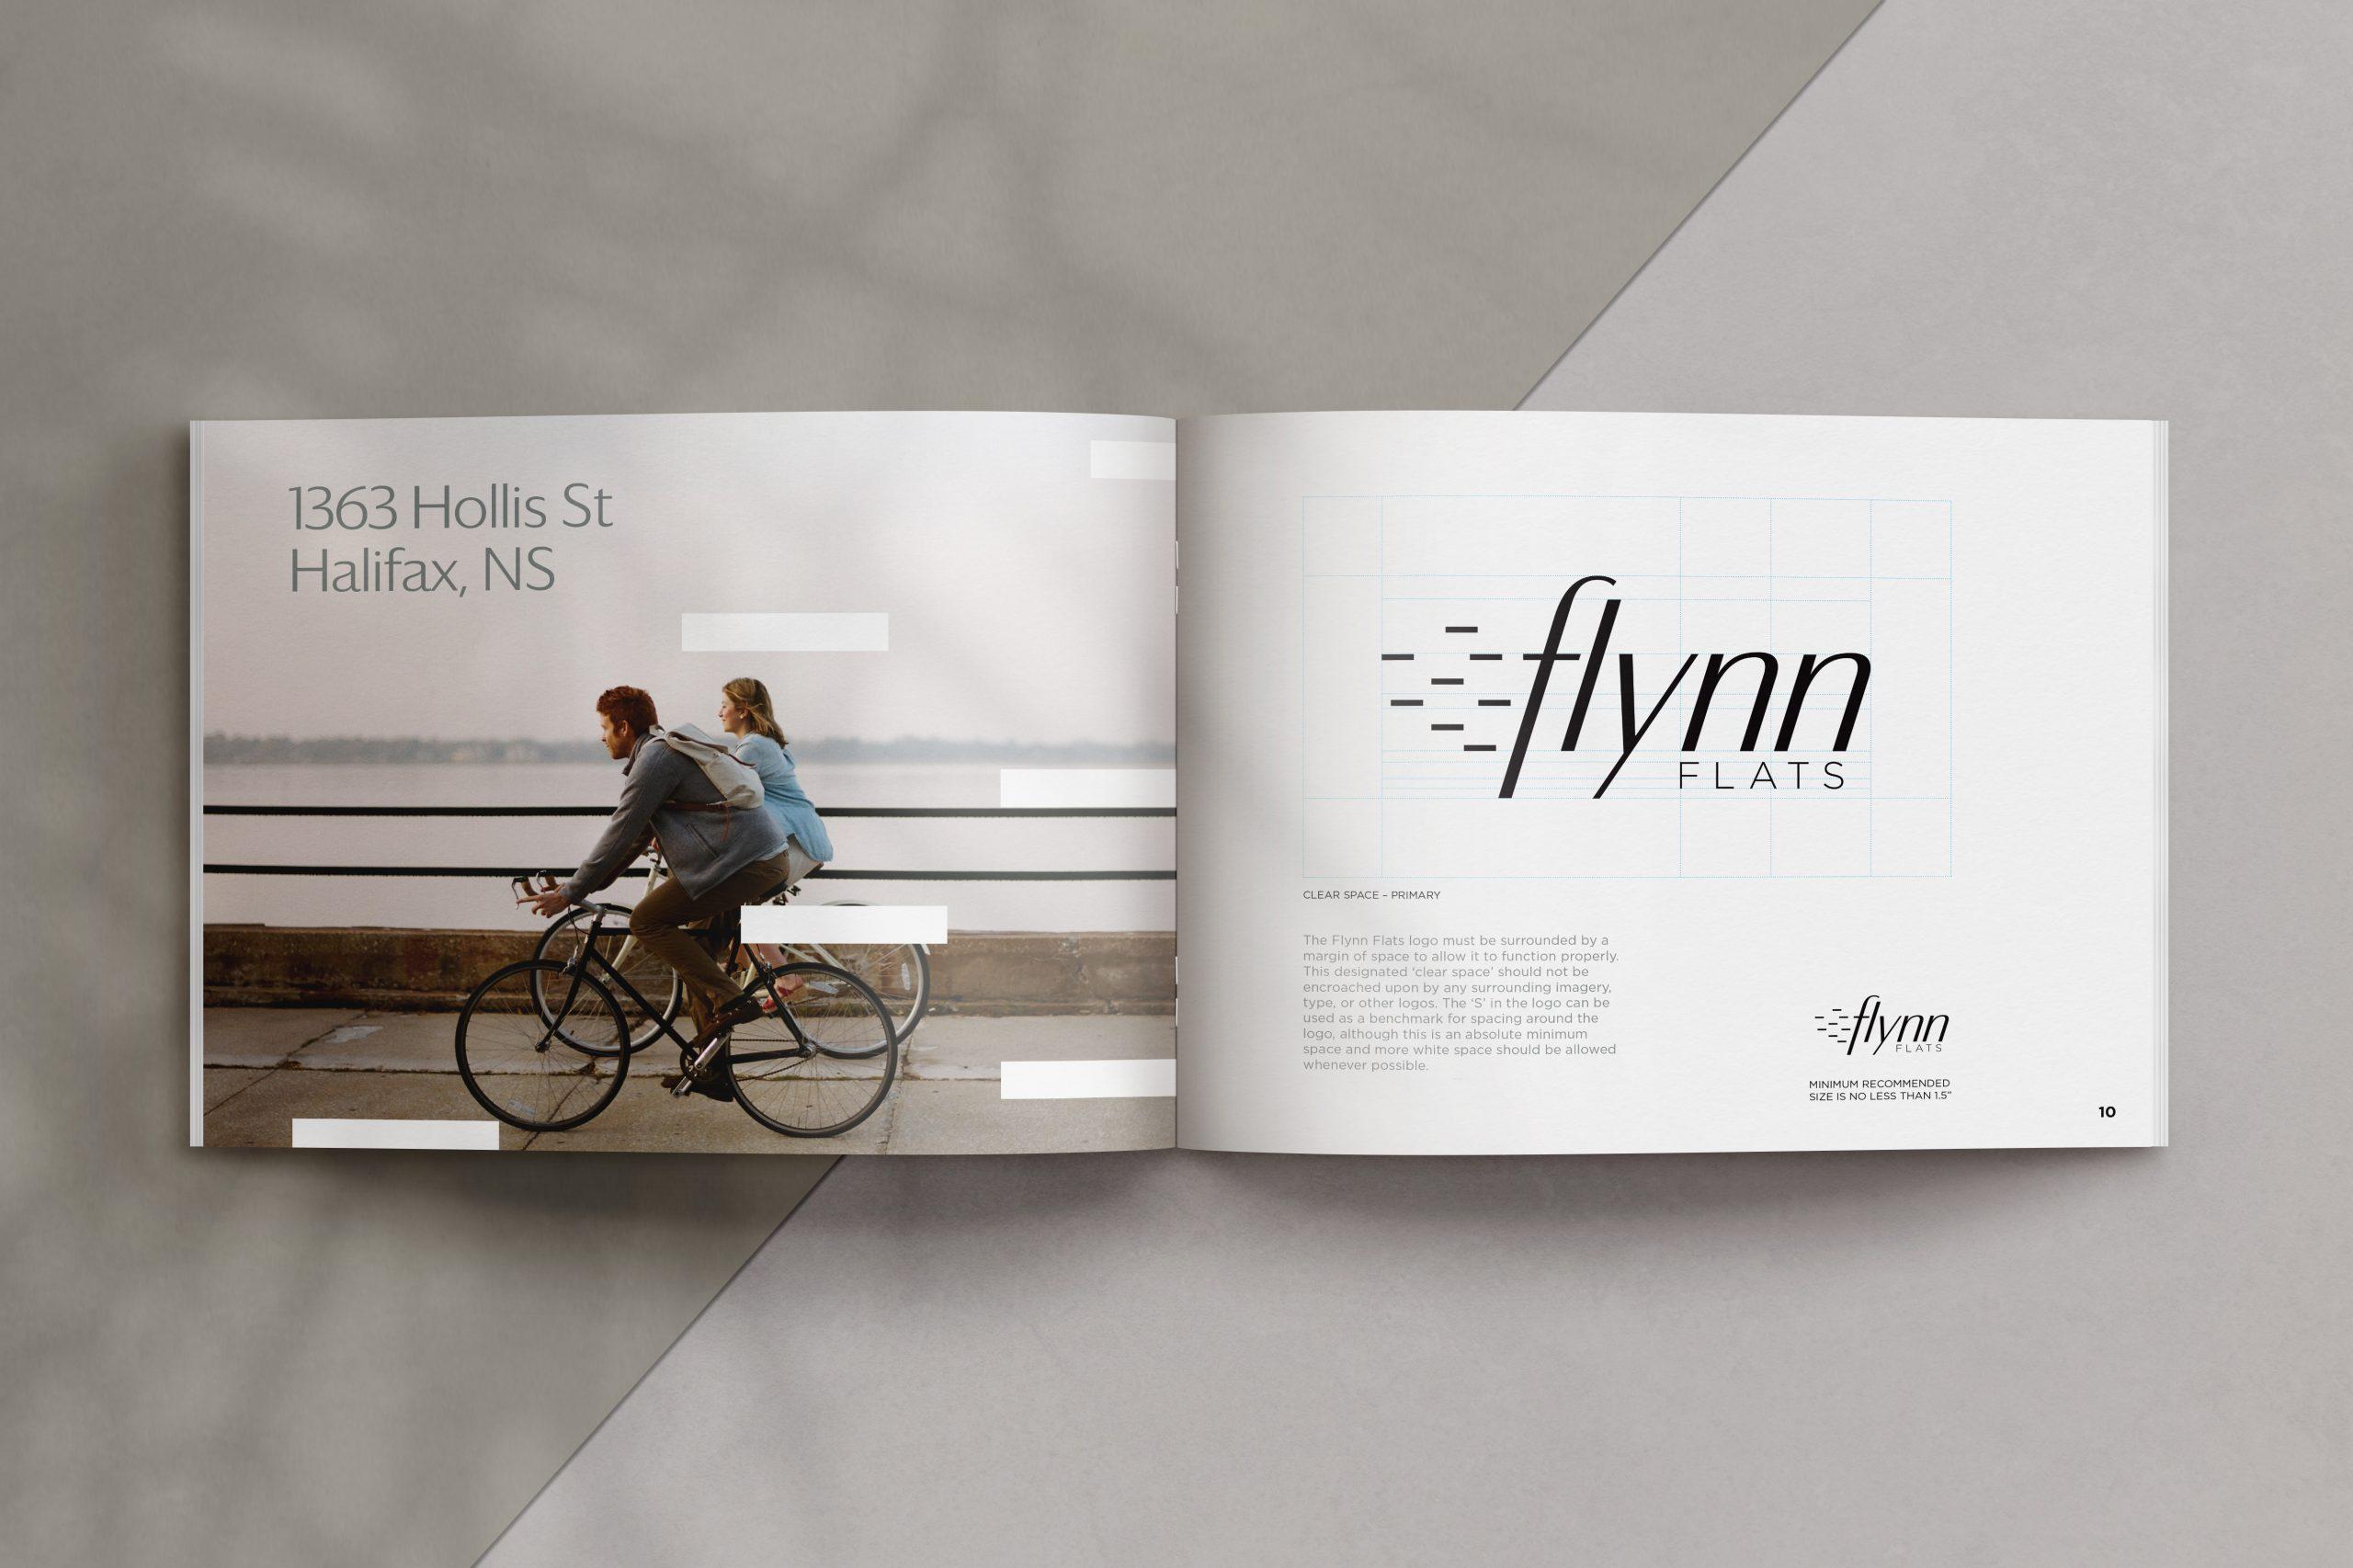 Flynn-Flats-Logo-Guidelines